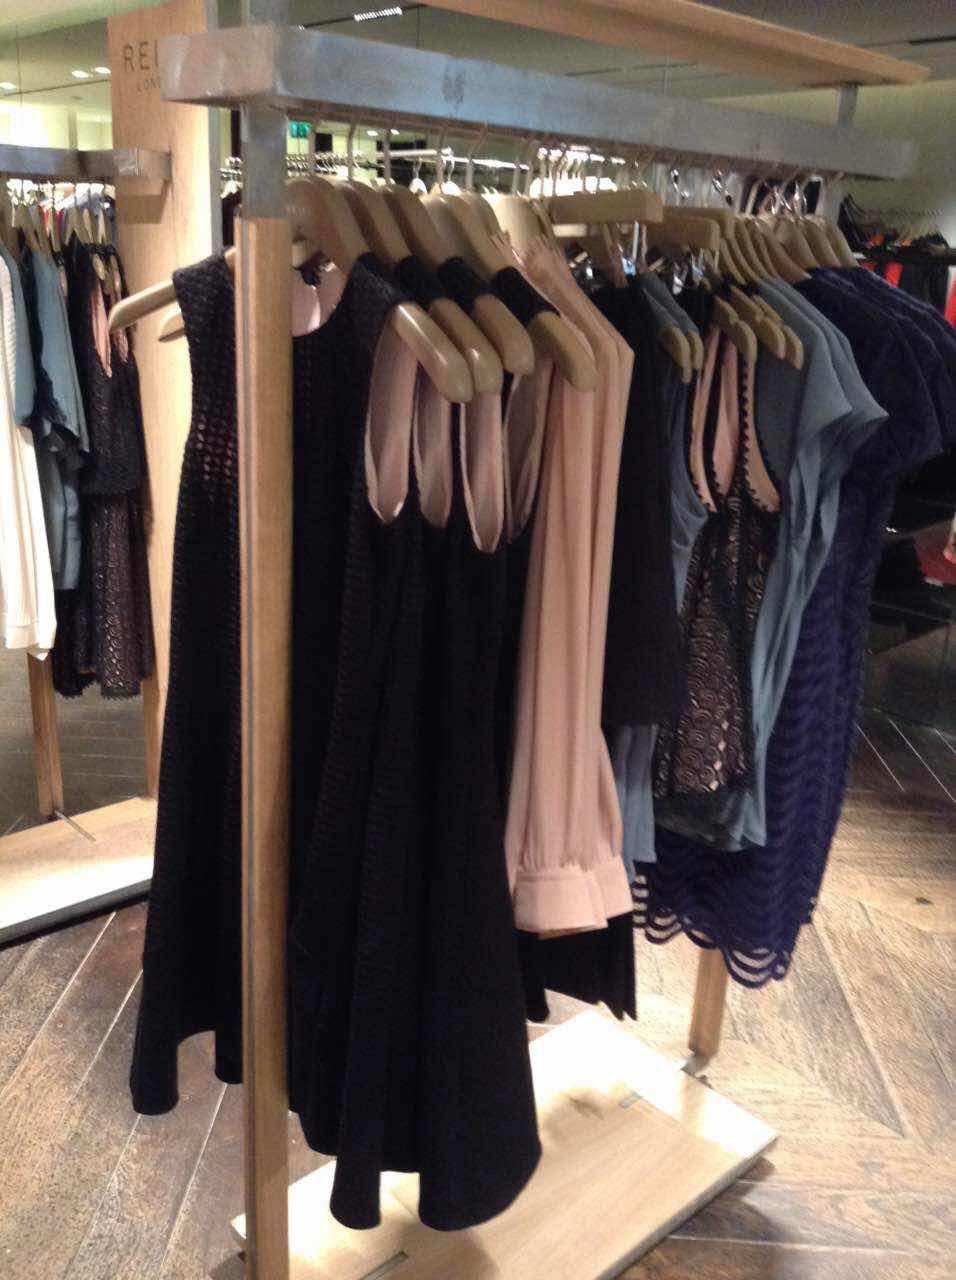 【REISS】ケイト妃ご愛用イギリスのファッションブランド試着体験